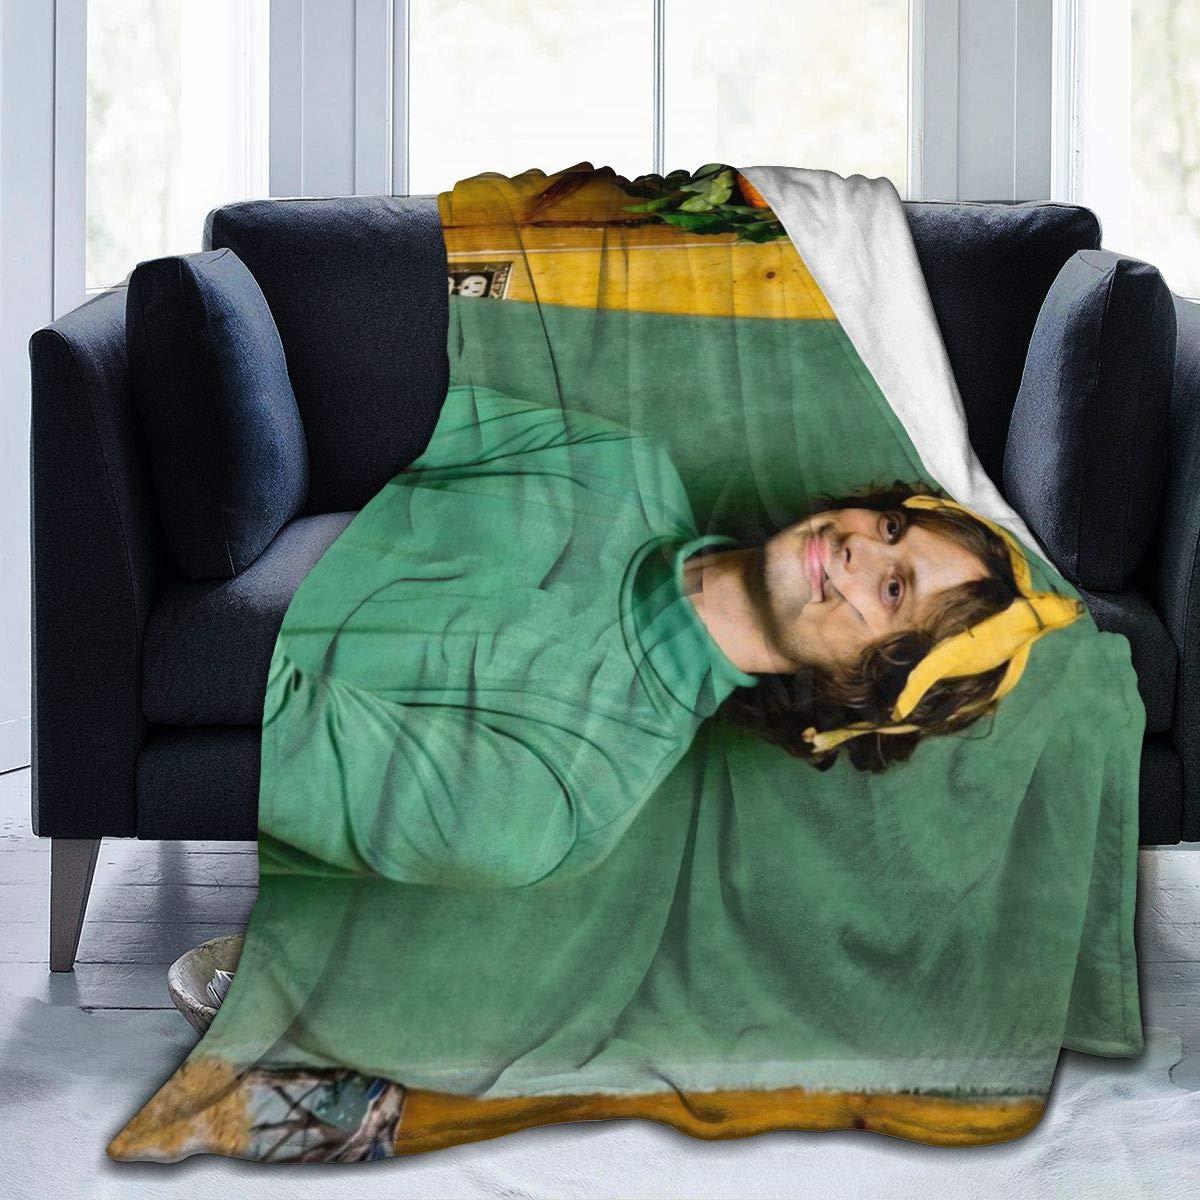 ماثيو-رمادي-جوبلر بطانية صوف ناعمة خفيفة الوزن لينة دافئ دافئ رمي بطانية ديكور المنزل للأريكة ، السرير ، أريكة ، travel 0